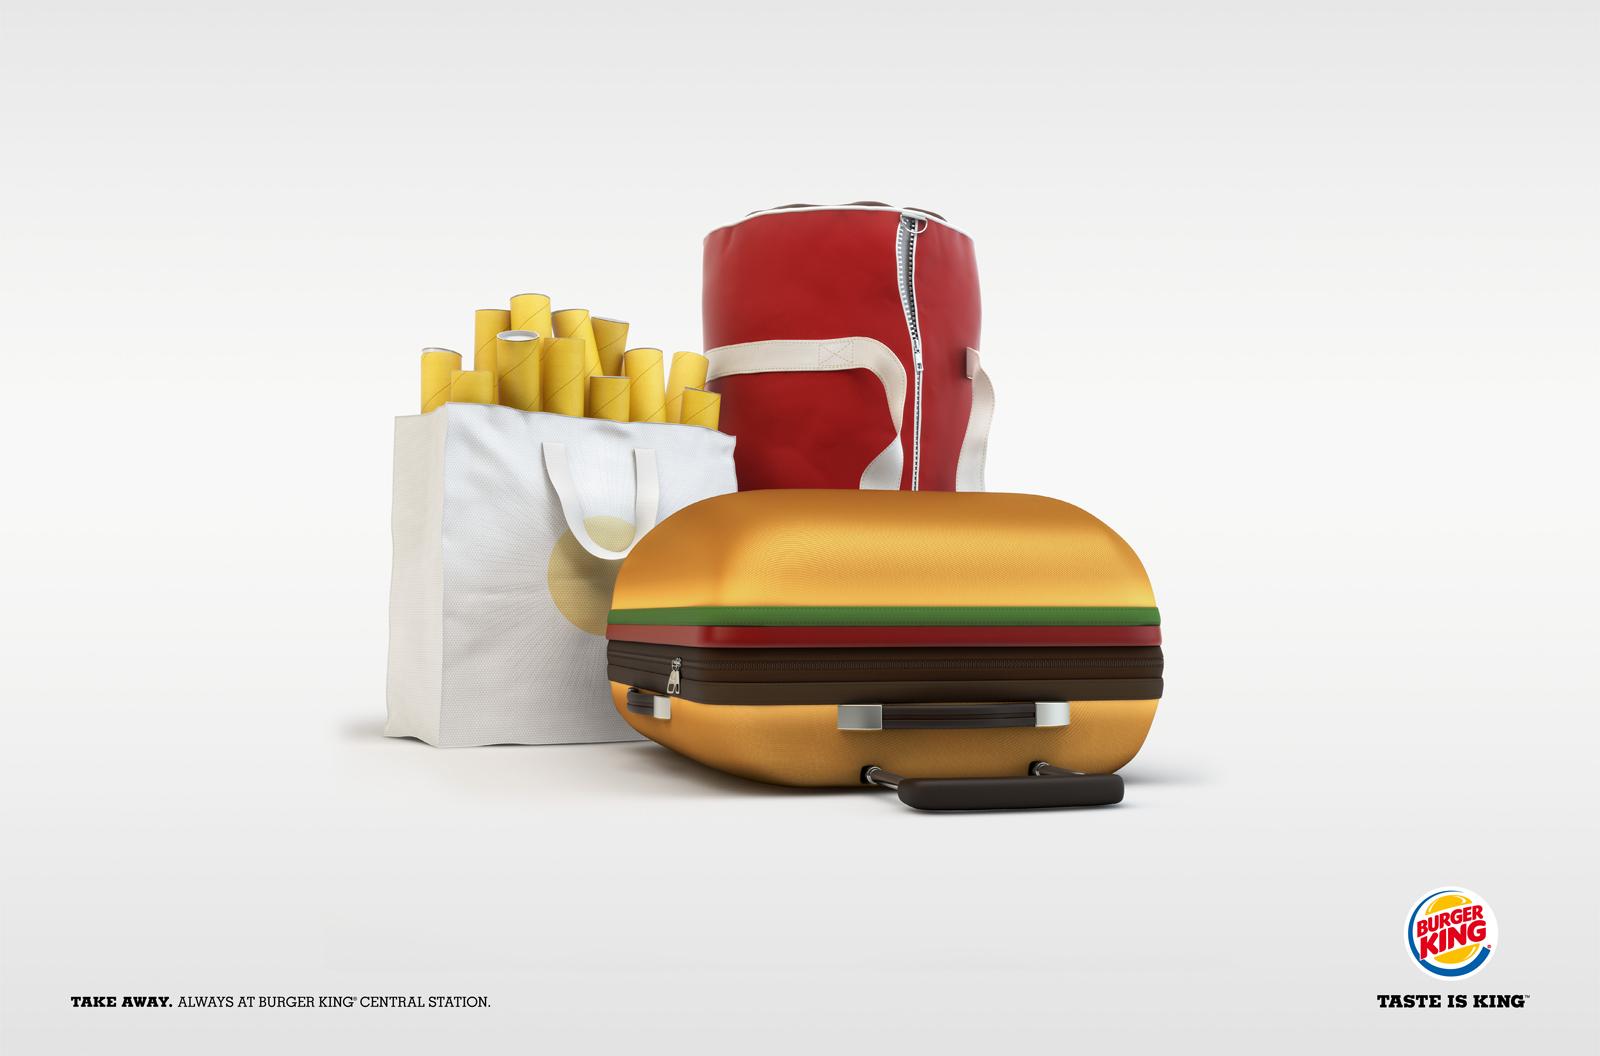 20 ejemplos de figuras ret ricas en publicidad luismaram for Anuncios muebles